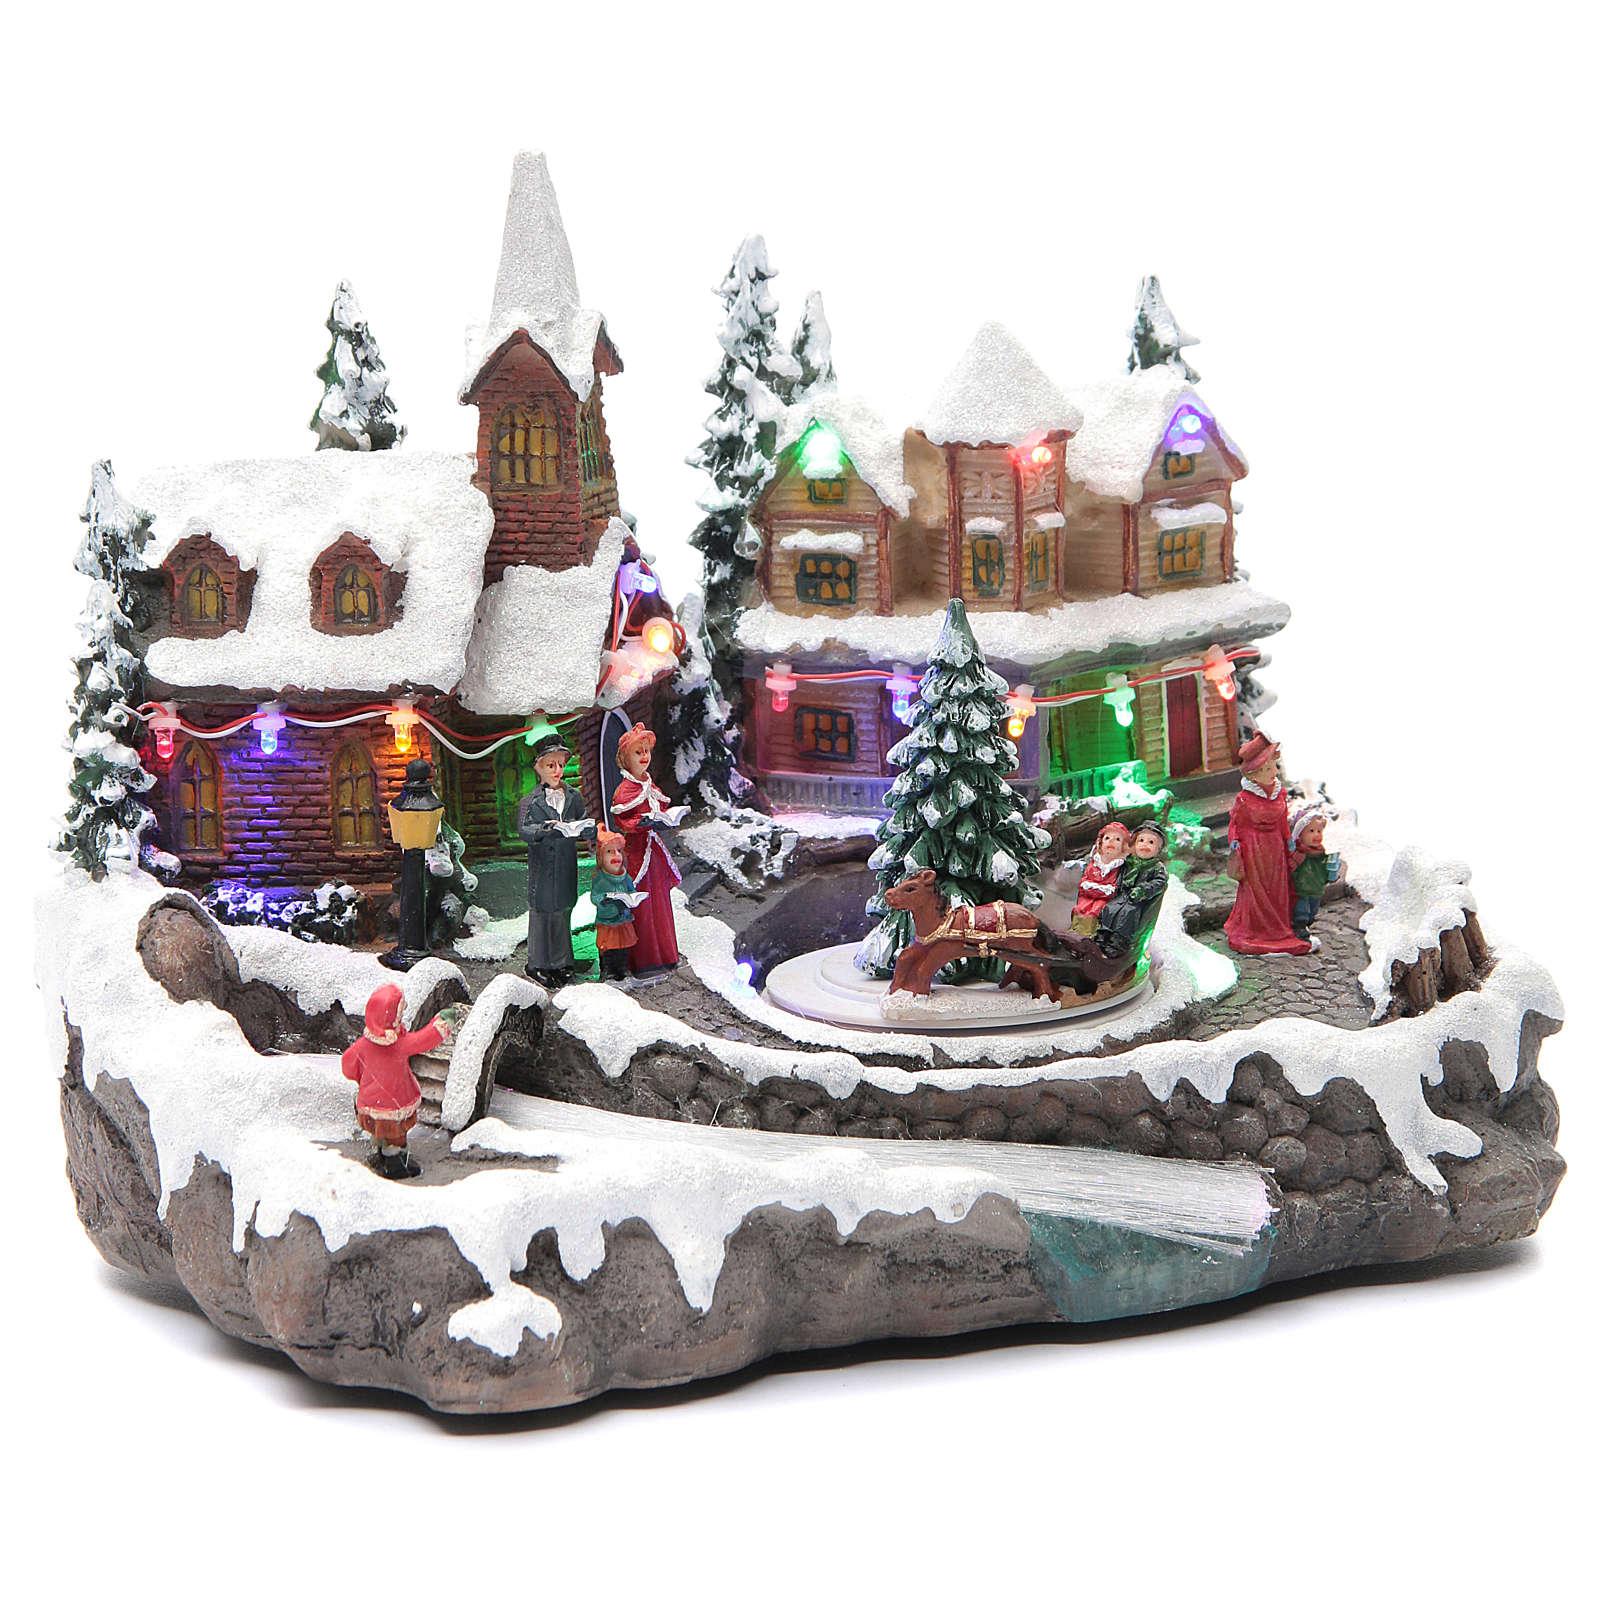 Weihnachtsszene mit Tannenbaum und Licht 30x15x20cm | Online Verfauf ...